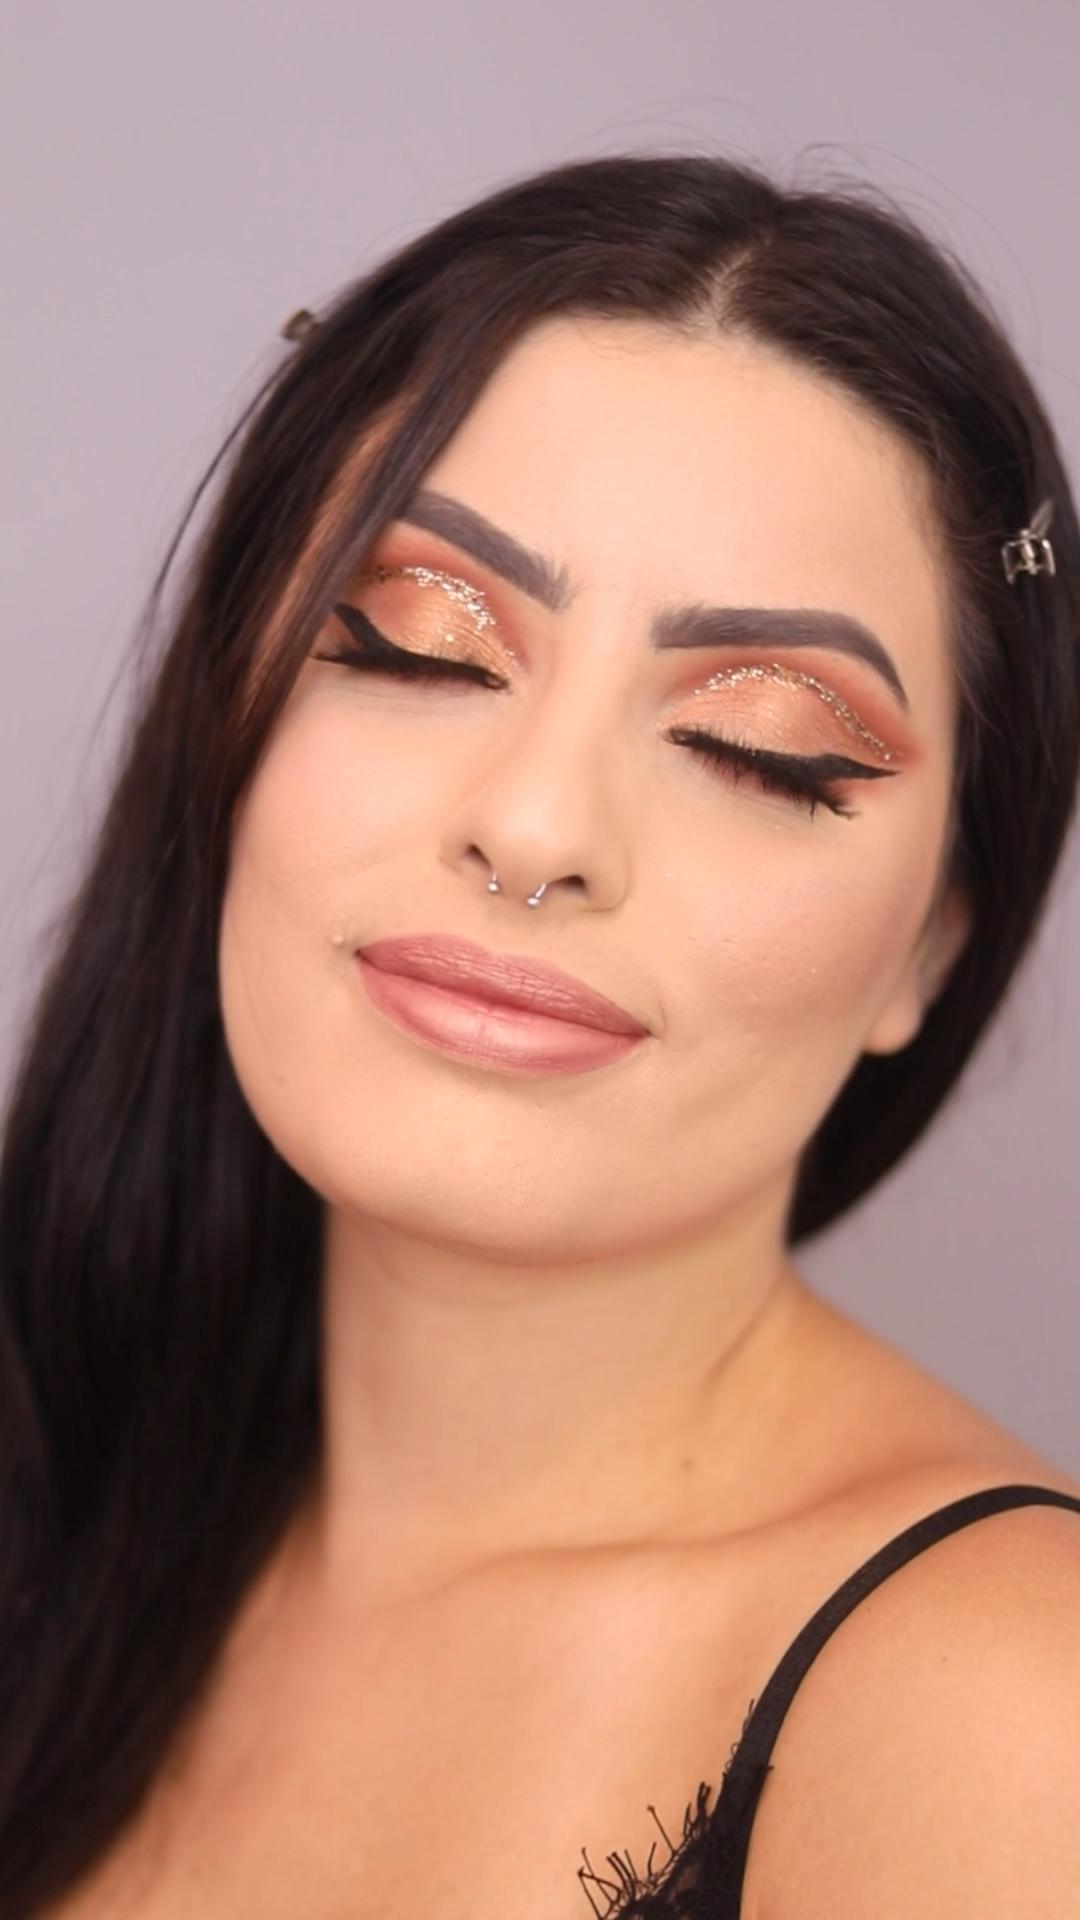 Pin on Makeup Tutorial